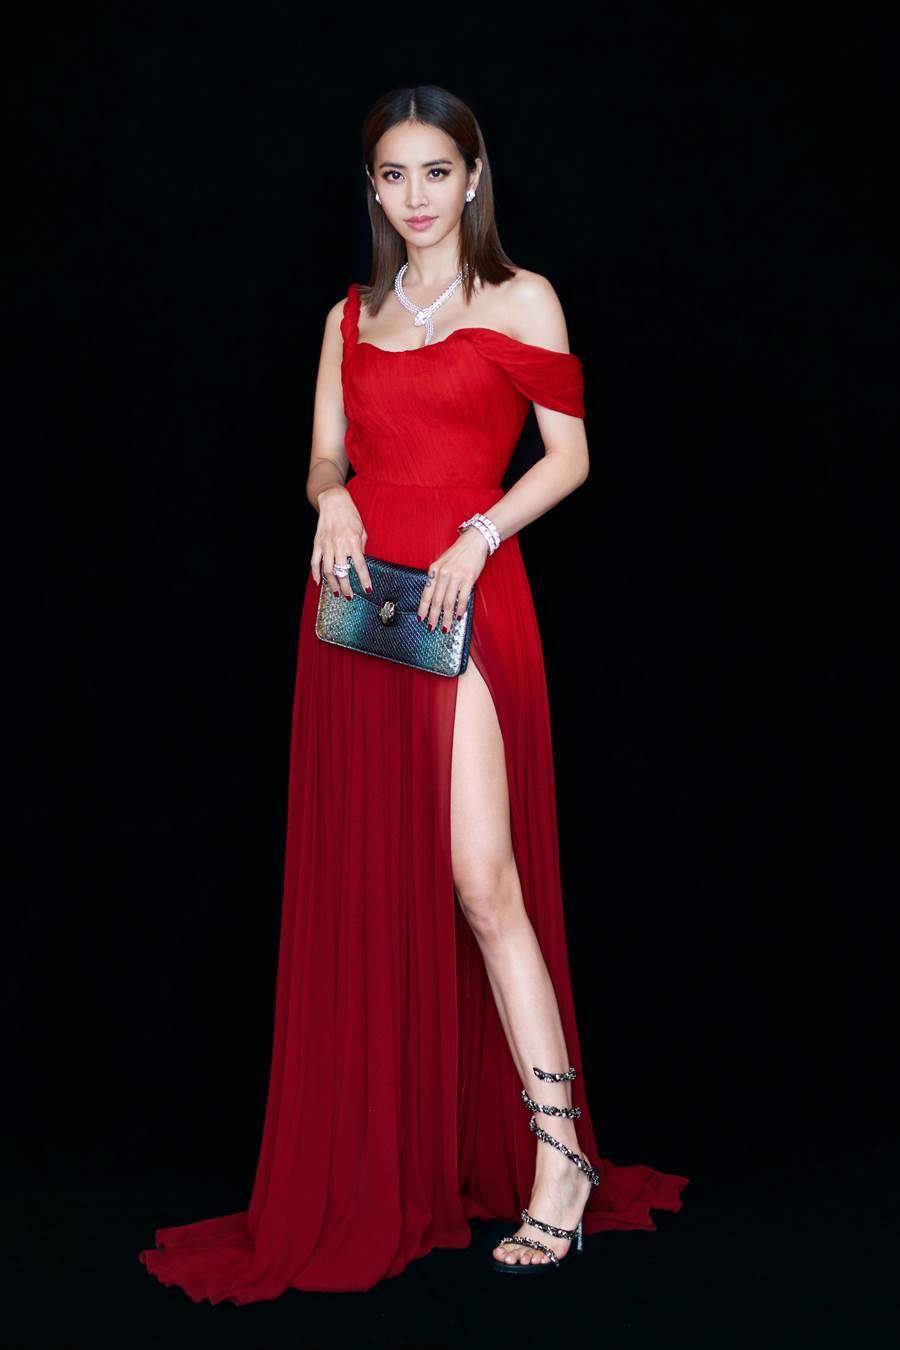 蔡依林一身艳红礼服搭配宝格丽的Serpenti珠宝饰品,妖娇性感。